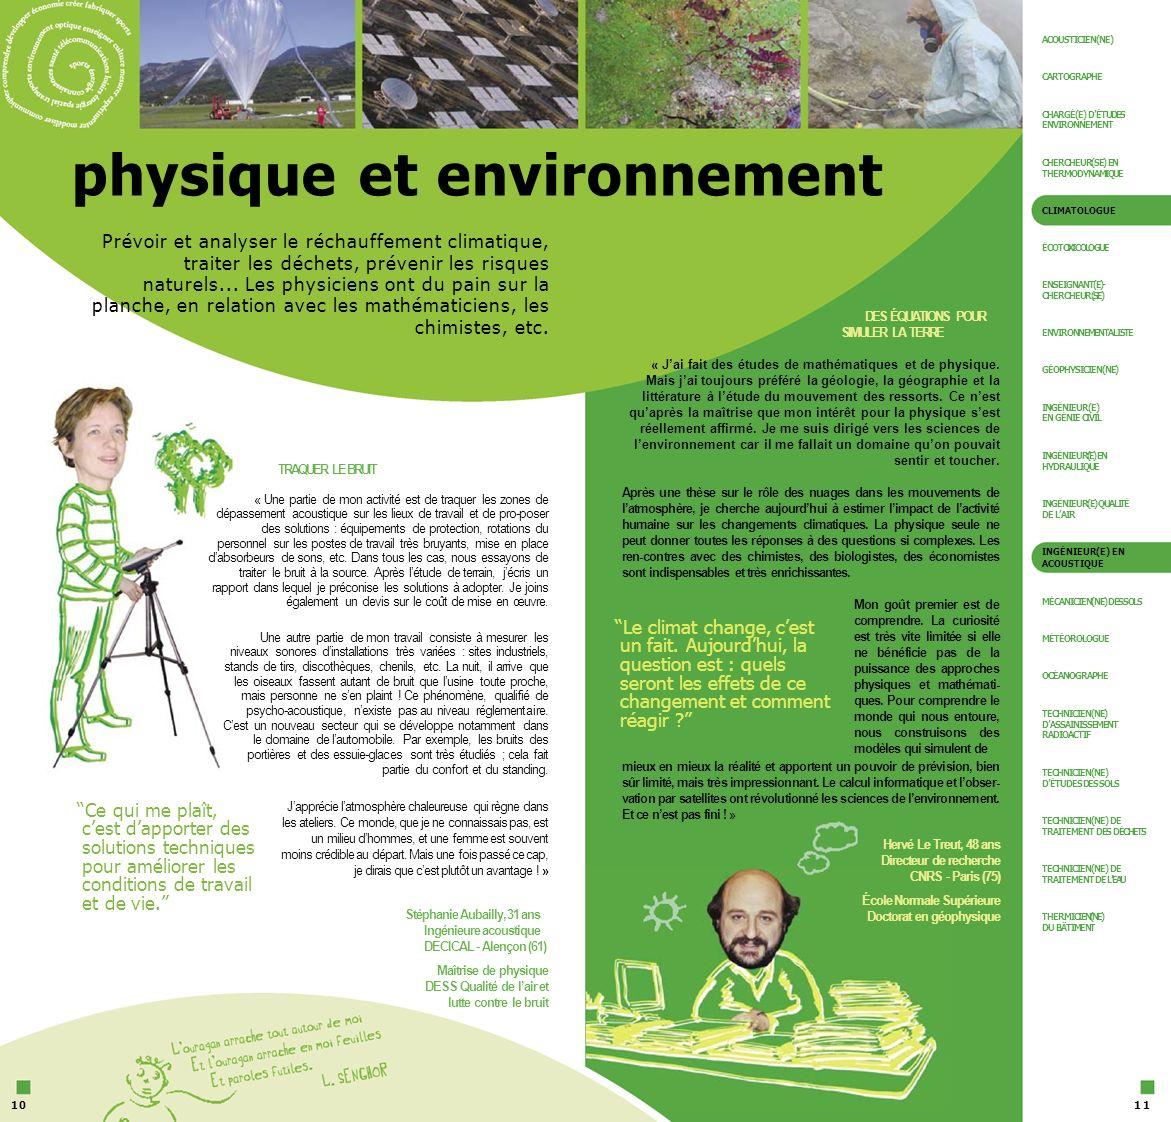 AGENT DE DÉVELOPPEMENT ÉNERGIES RENOUVELABLES CHARGÉ(E) DE MISSIONS ÉNERGIE -ENVIRONNEMENT CHEF DE PROJET BARRAGES HYDROÉLECTRIQUES physique et énergie CHERCHEUR(SE) EN MATÉRIAUX CHERCHEUR(SE) EN PHYSIQUE NUCLÉAIRE Lénergie est un défi pour les années à venir : une demande toujours croissante, des réserves qui sépuisent, des énergies renouvelables à dé-velopper et notre planète à protéger.